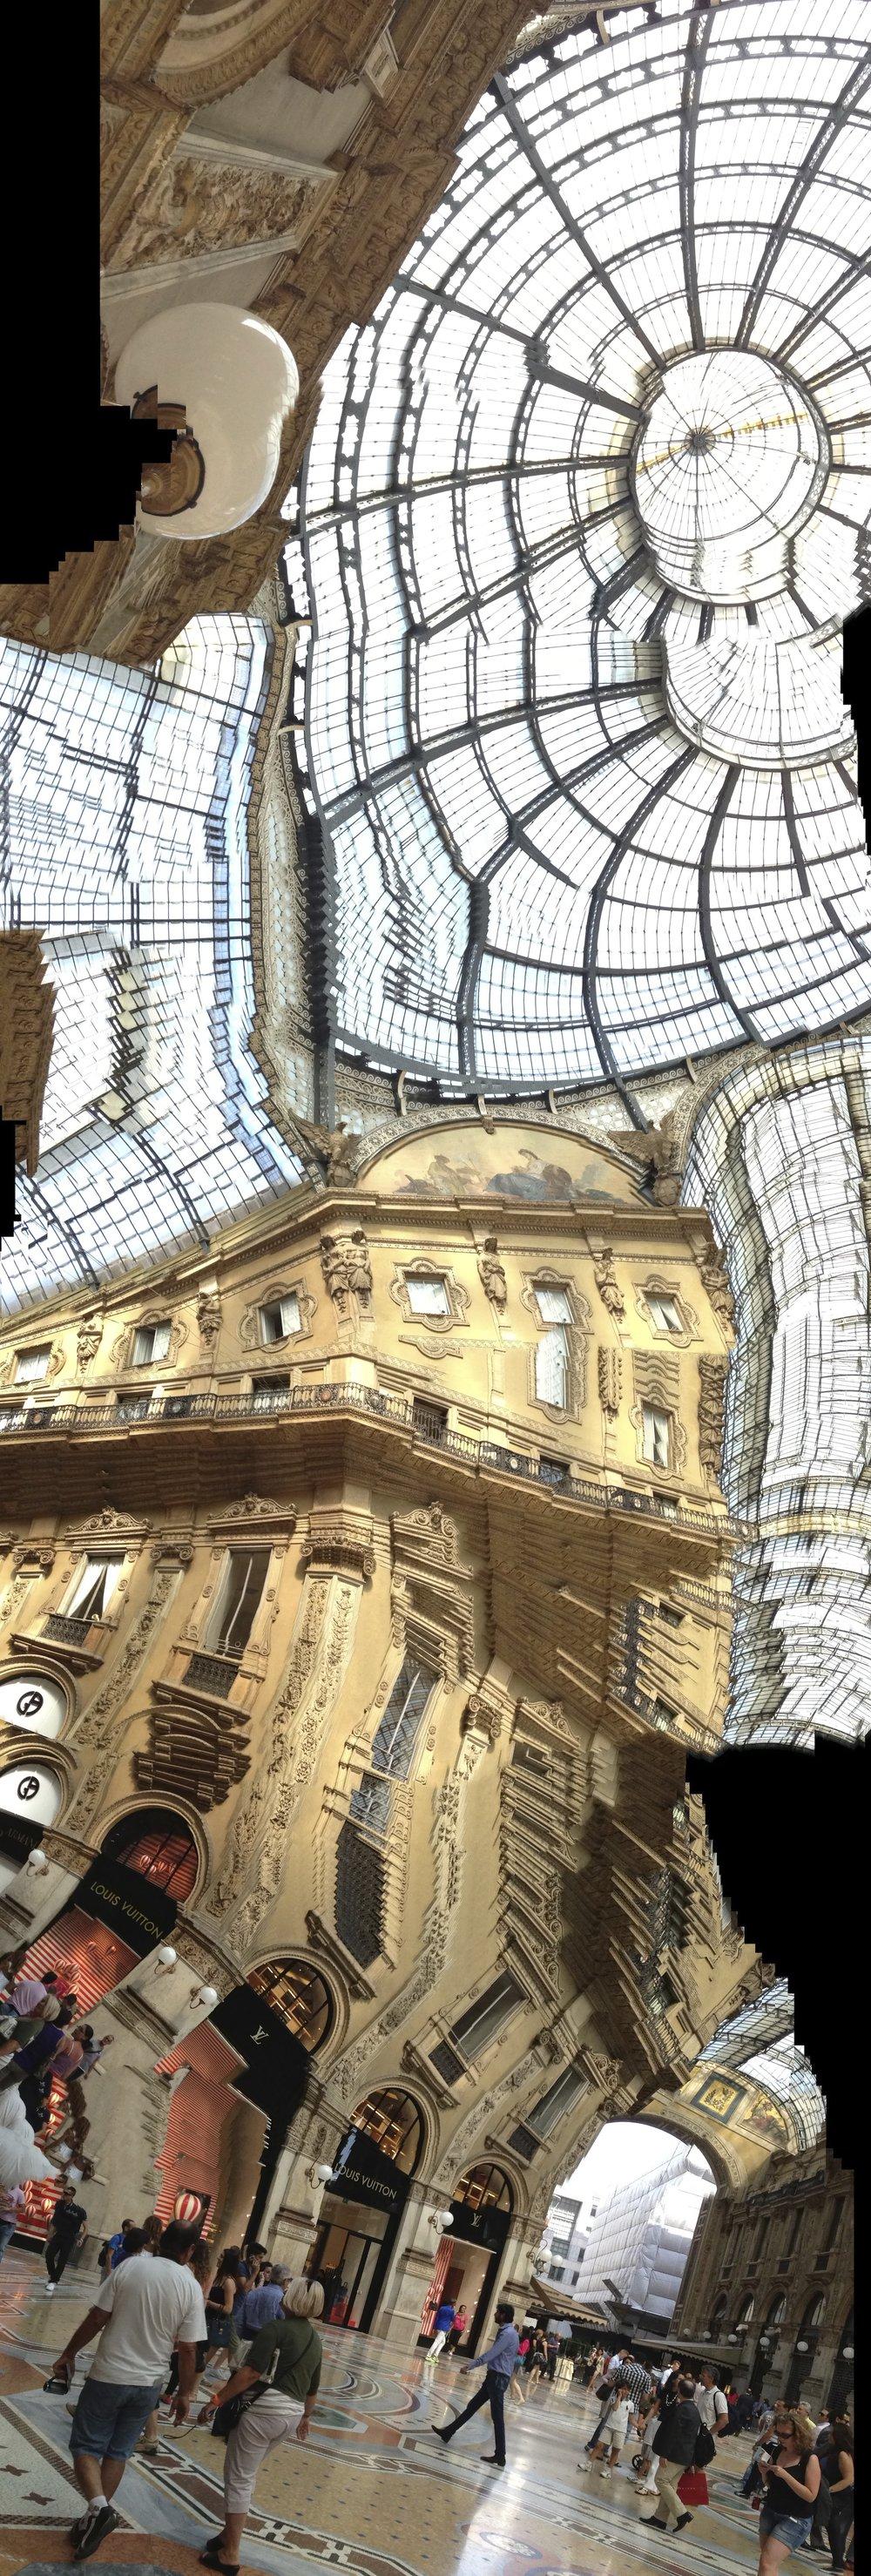 Milan, Galleria Vittorio Emanuelle